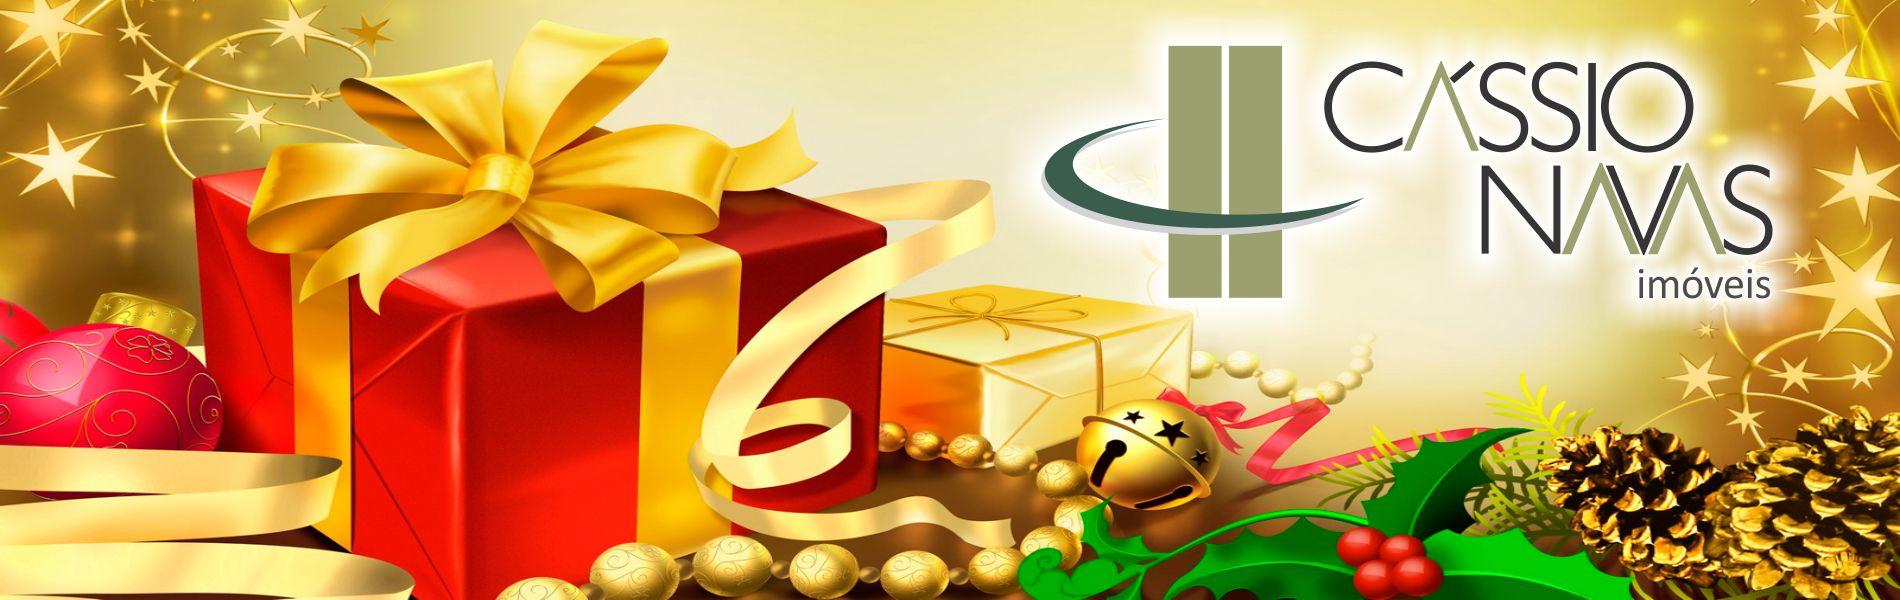 A equipe da Imobiliária Cássio Navas deseja um Feliz Natal e um Próspero Ano Novo a todos os seus clientes!